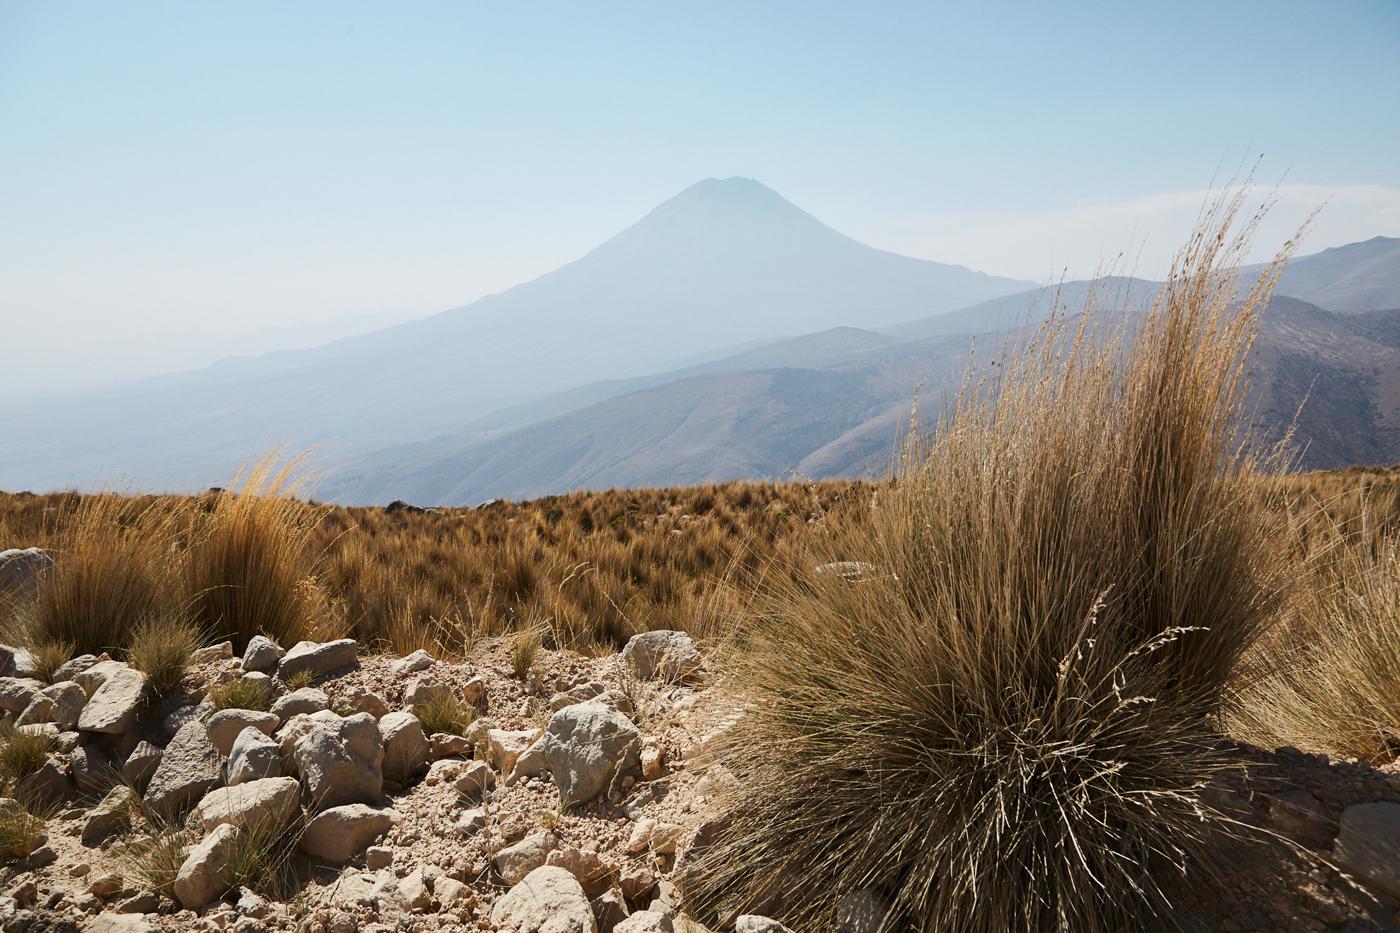 Bei der Rückfahrt begleitete uns immer der Blick auf den im Dunst gelegenen El Misti Vulkan